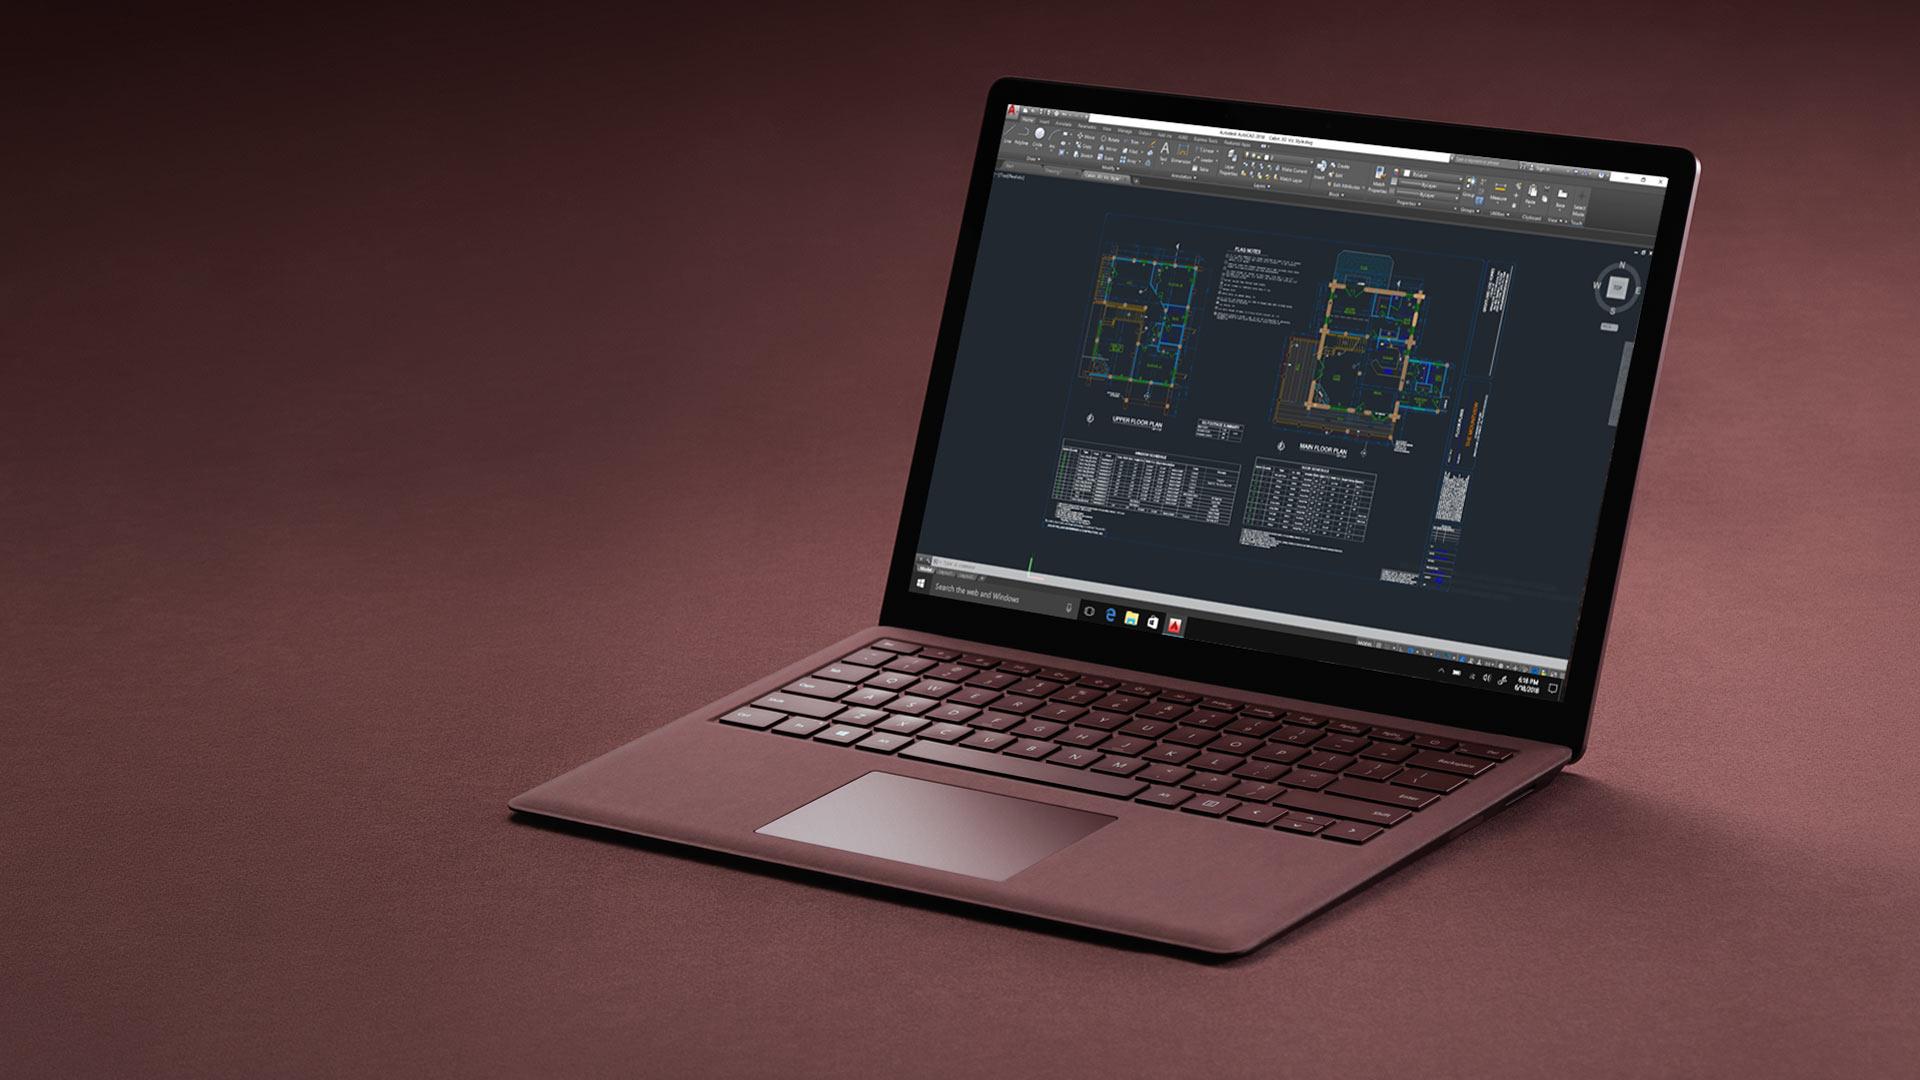 AutoCAD を画面に表示したバーガンディの Surface Laptop。